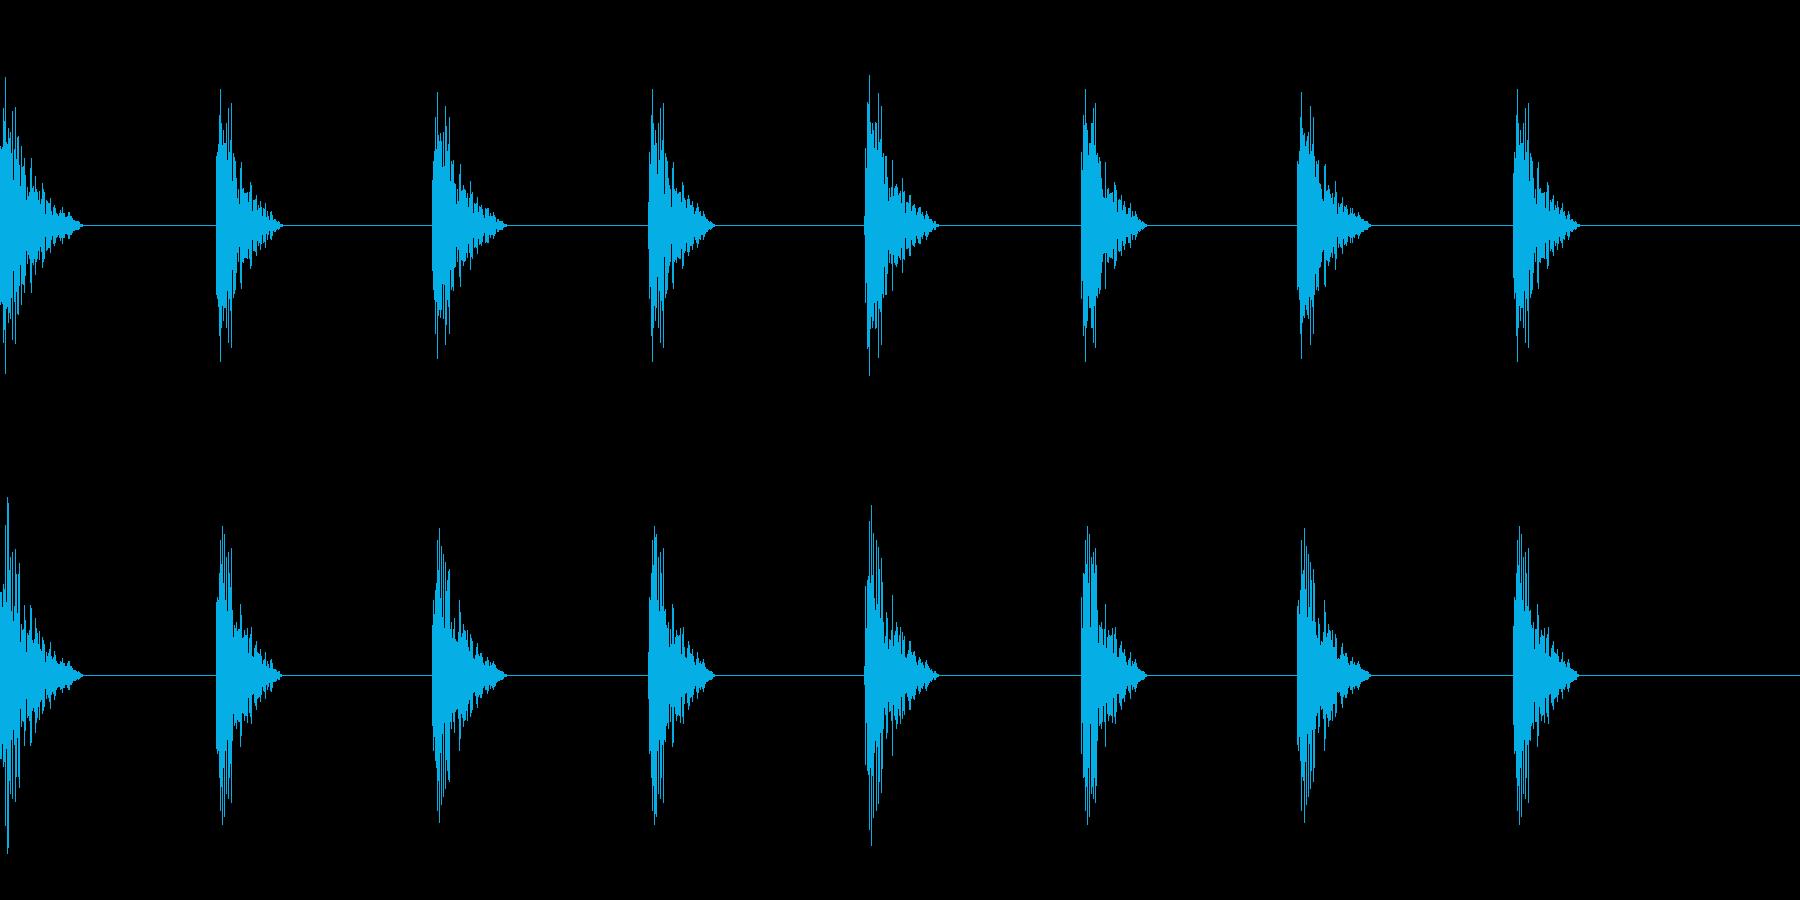 どすん(巨人、歩く、足音)A24の再生済みの波形